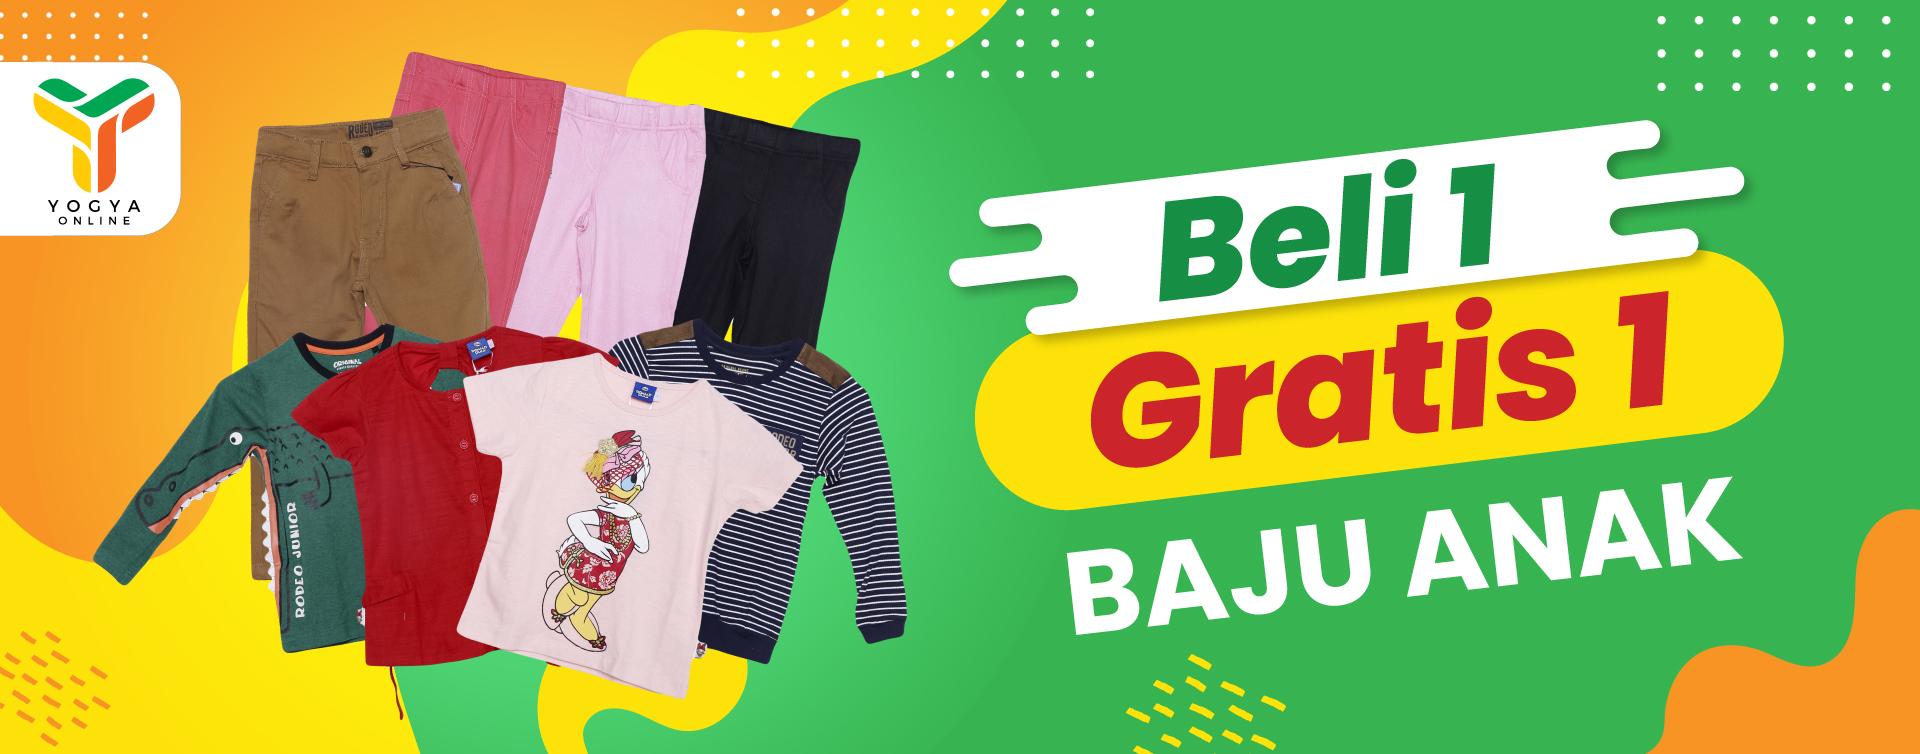 Baju Anak Buy 1 Get 1